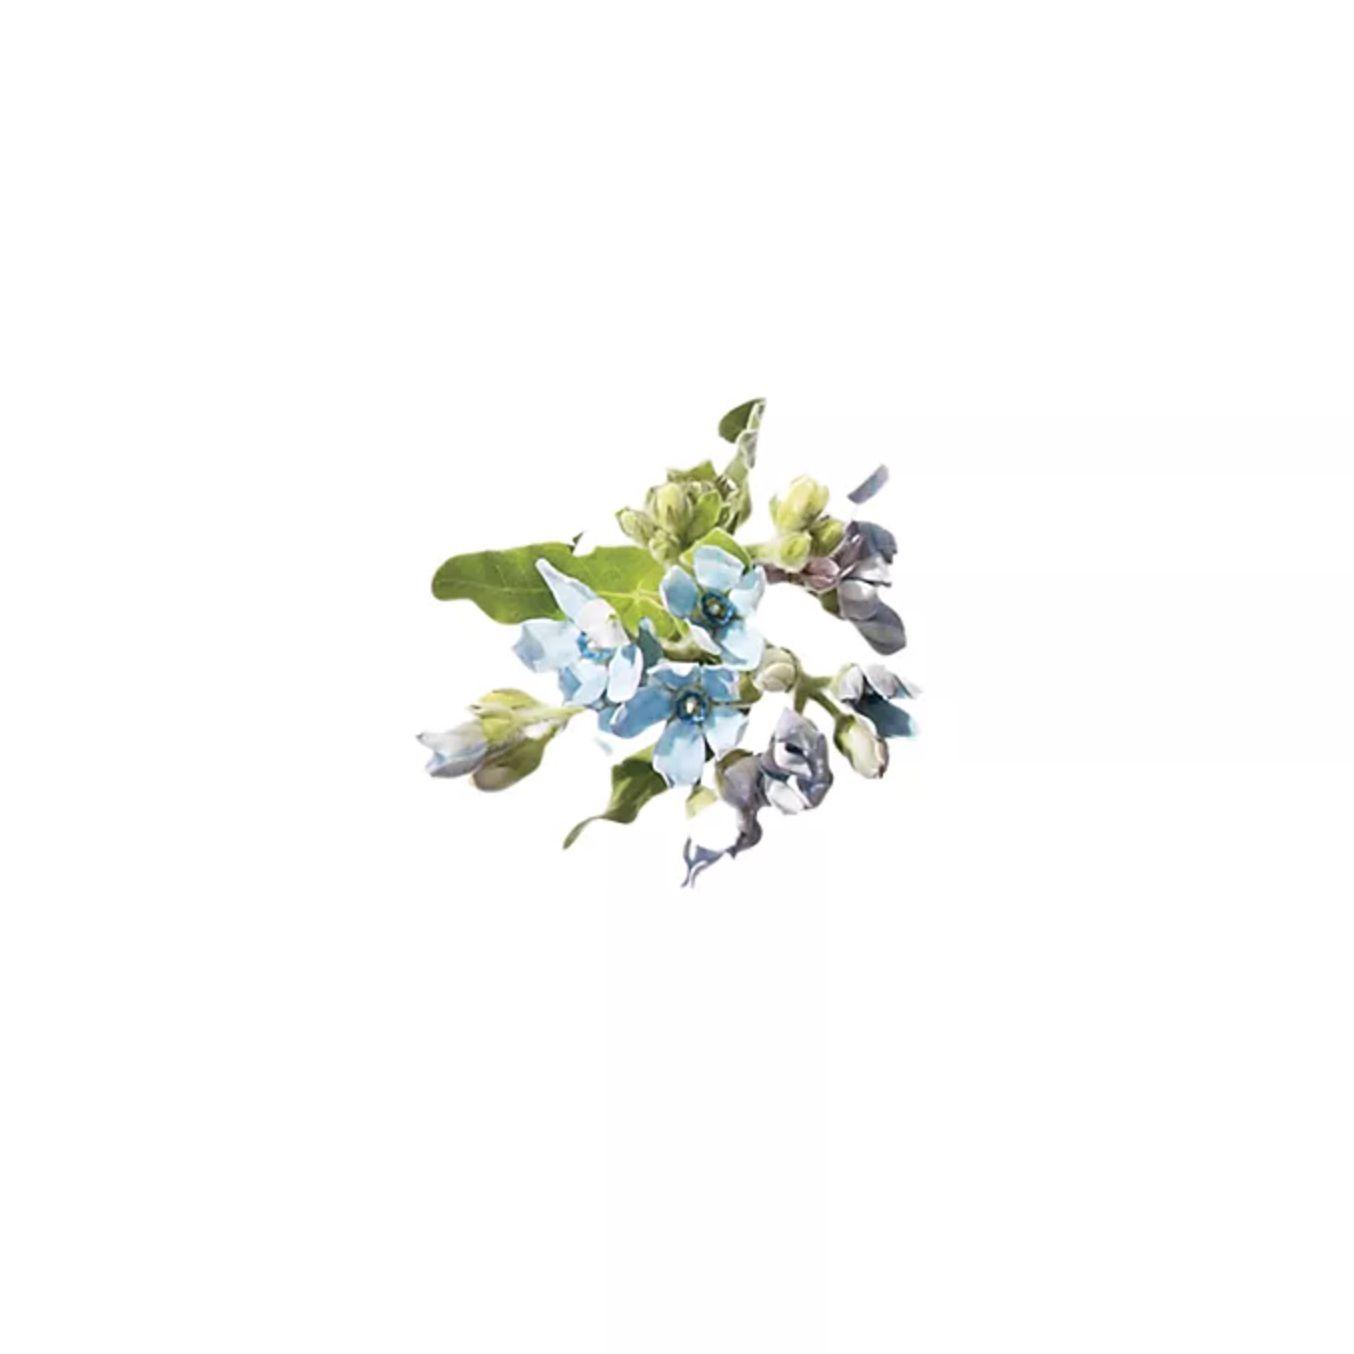 Sprig of tweedia flowers